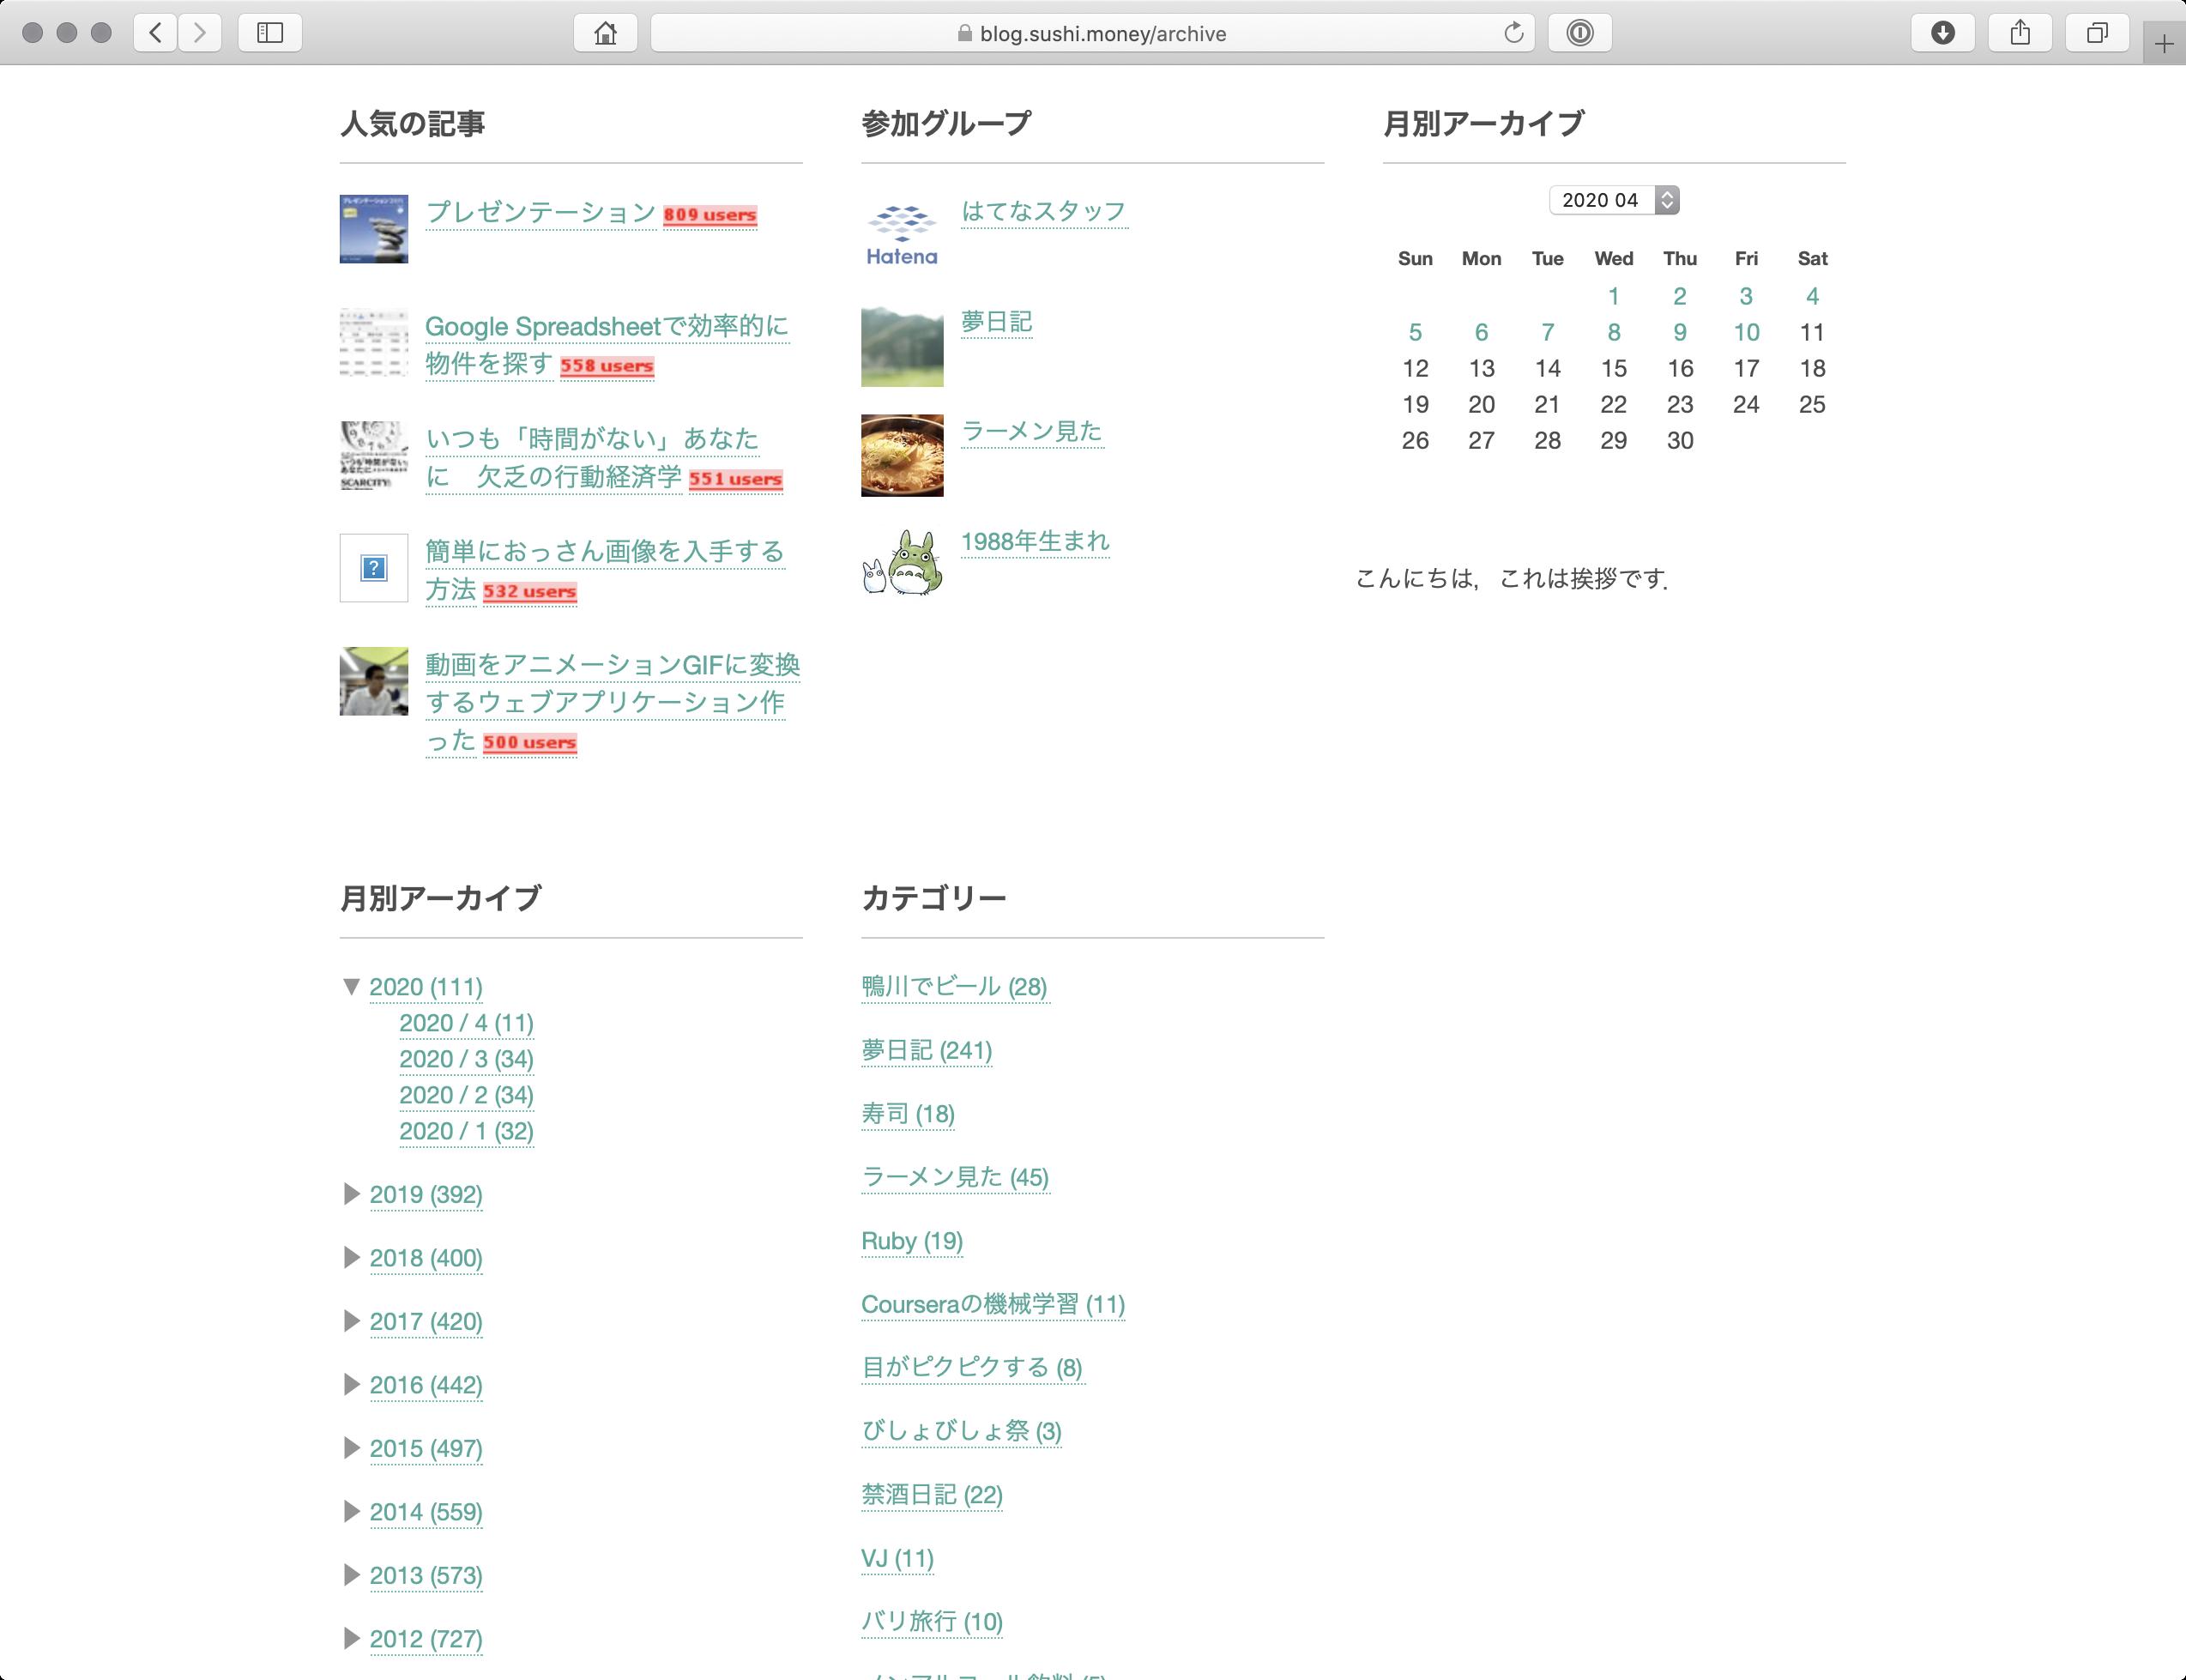 記事一覧 - hitode909の日記